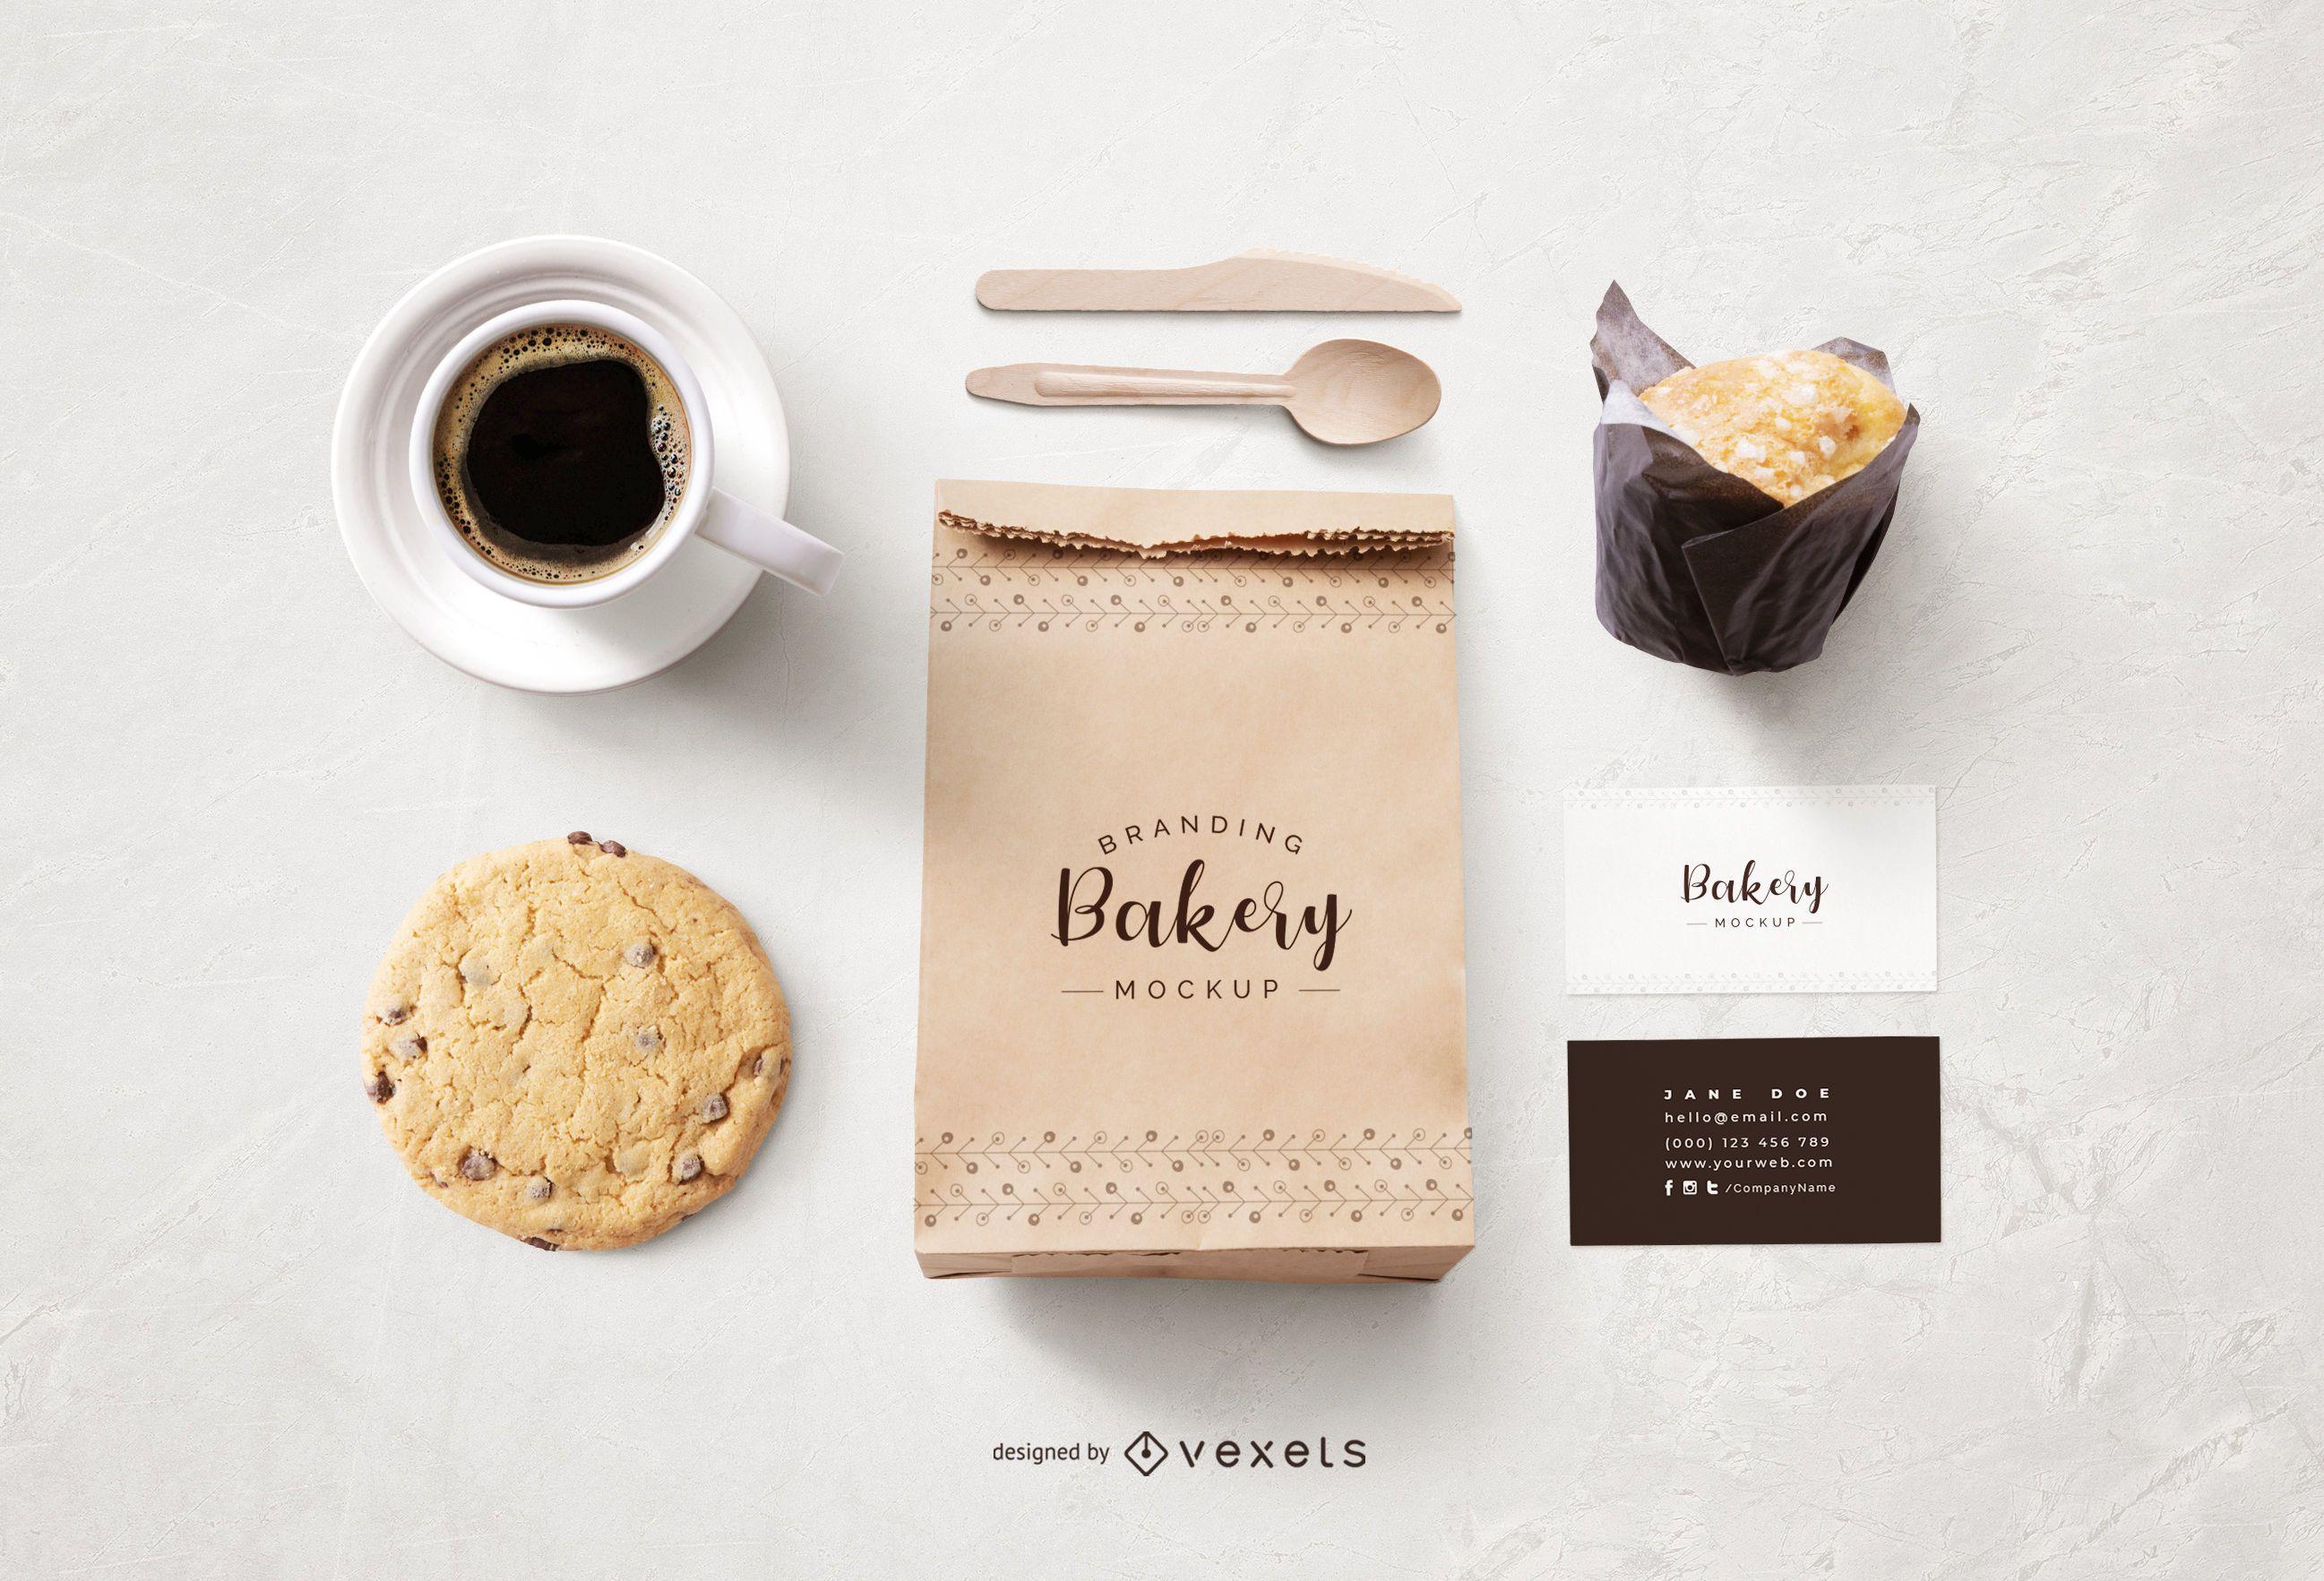 Diseño de maqueta de papelería y bolsa de papel de panadería